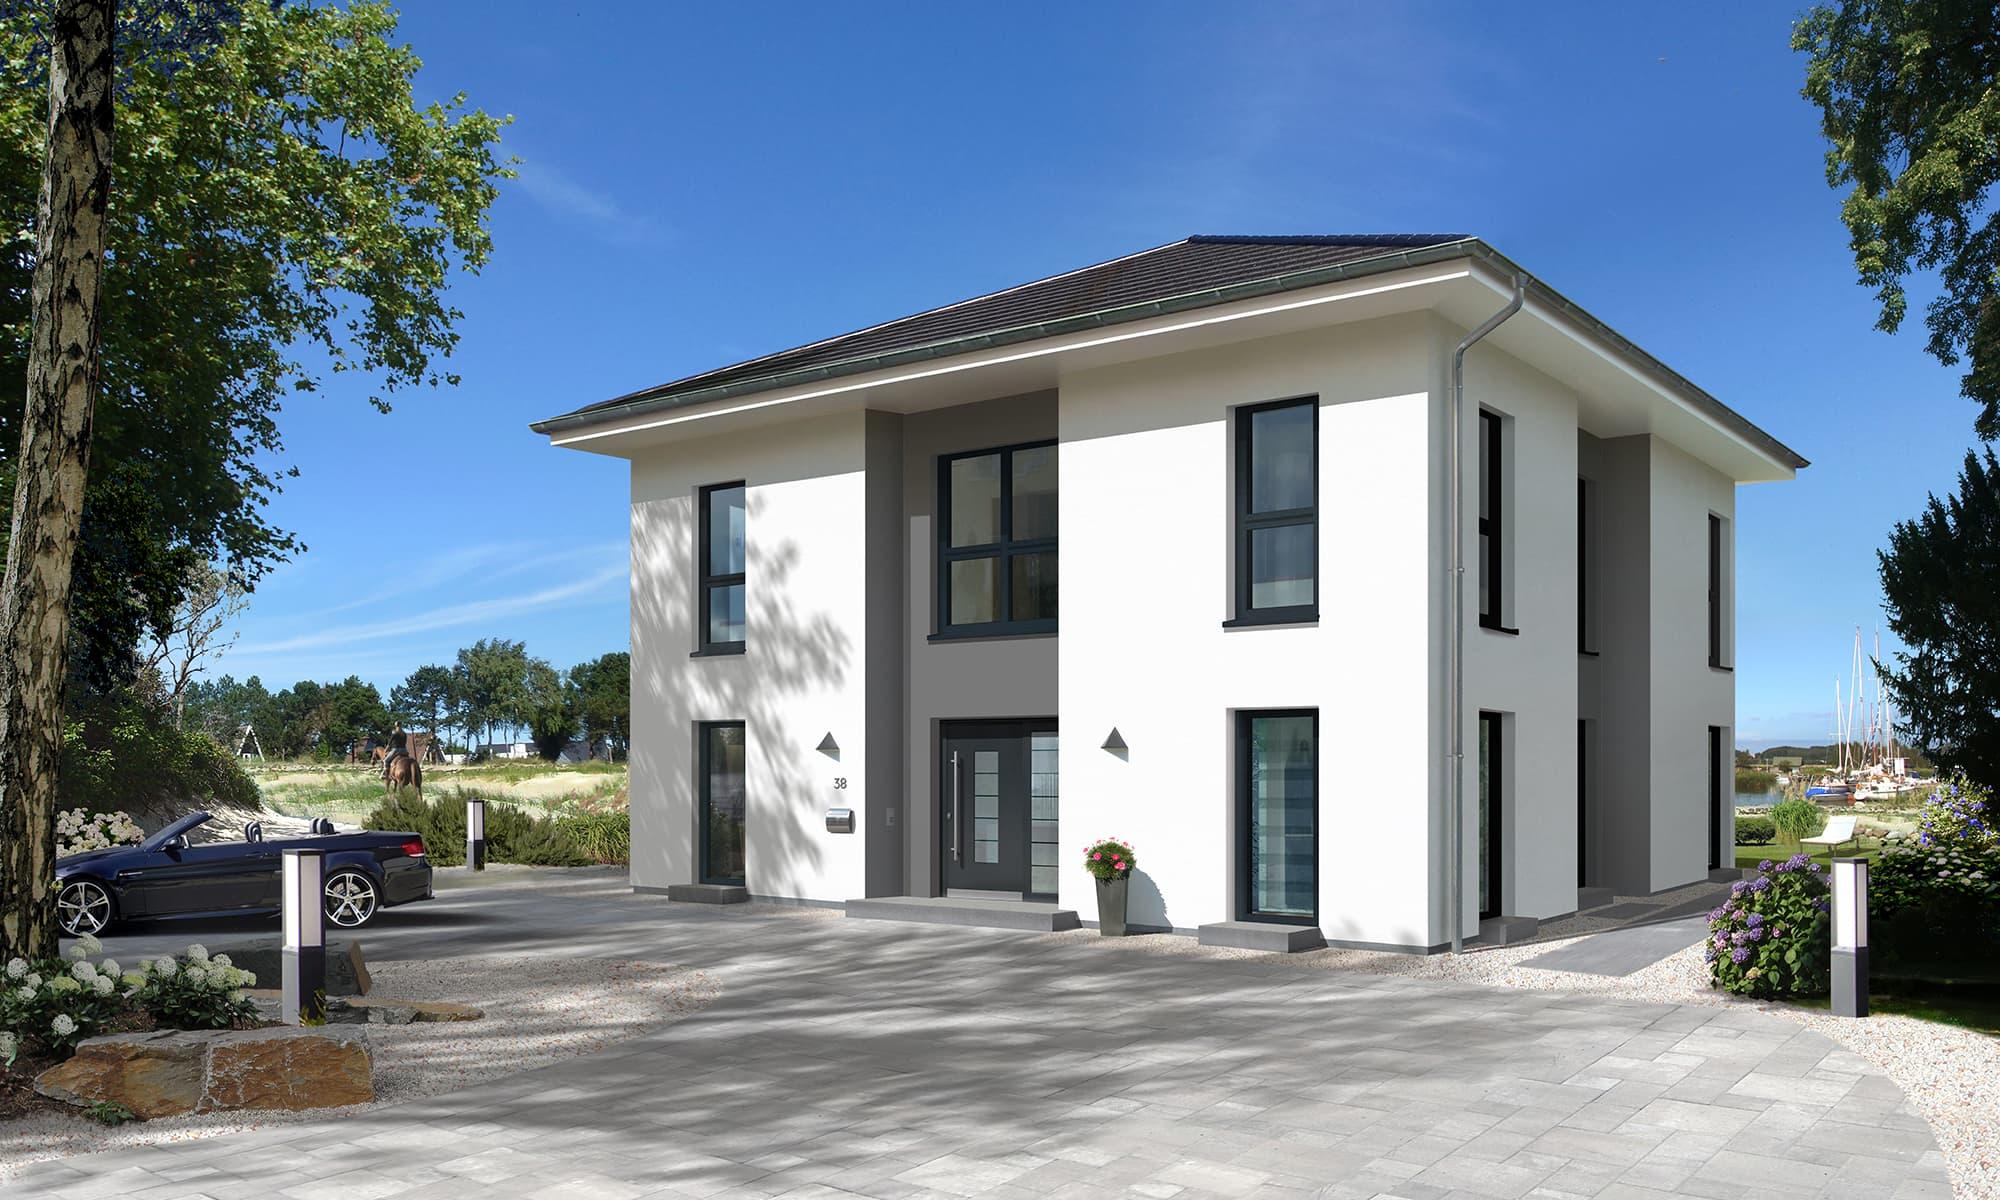 Der Entwurf der Stadtvilla: City Villa 1 besticht durch seine Klarkeit und Großzügigkeit